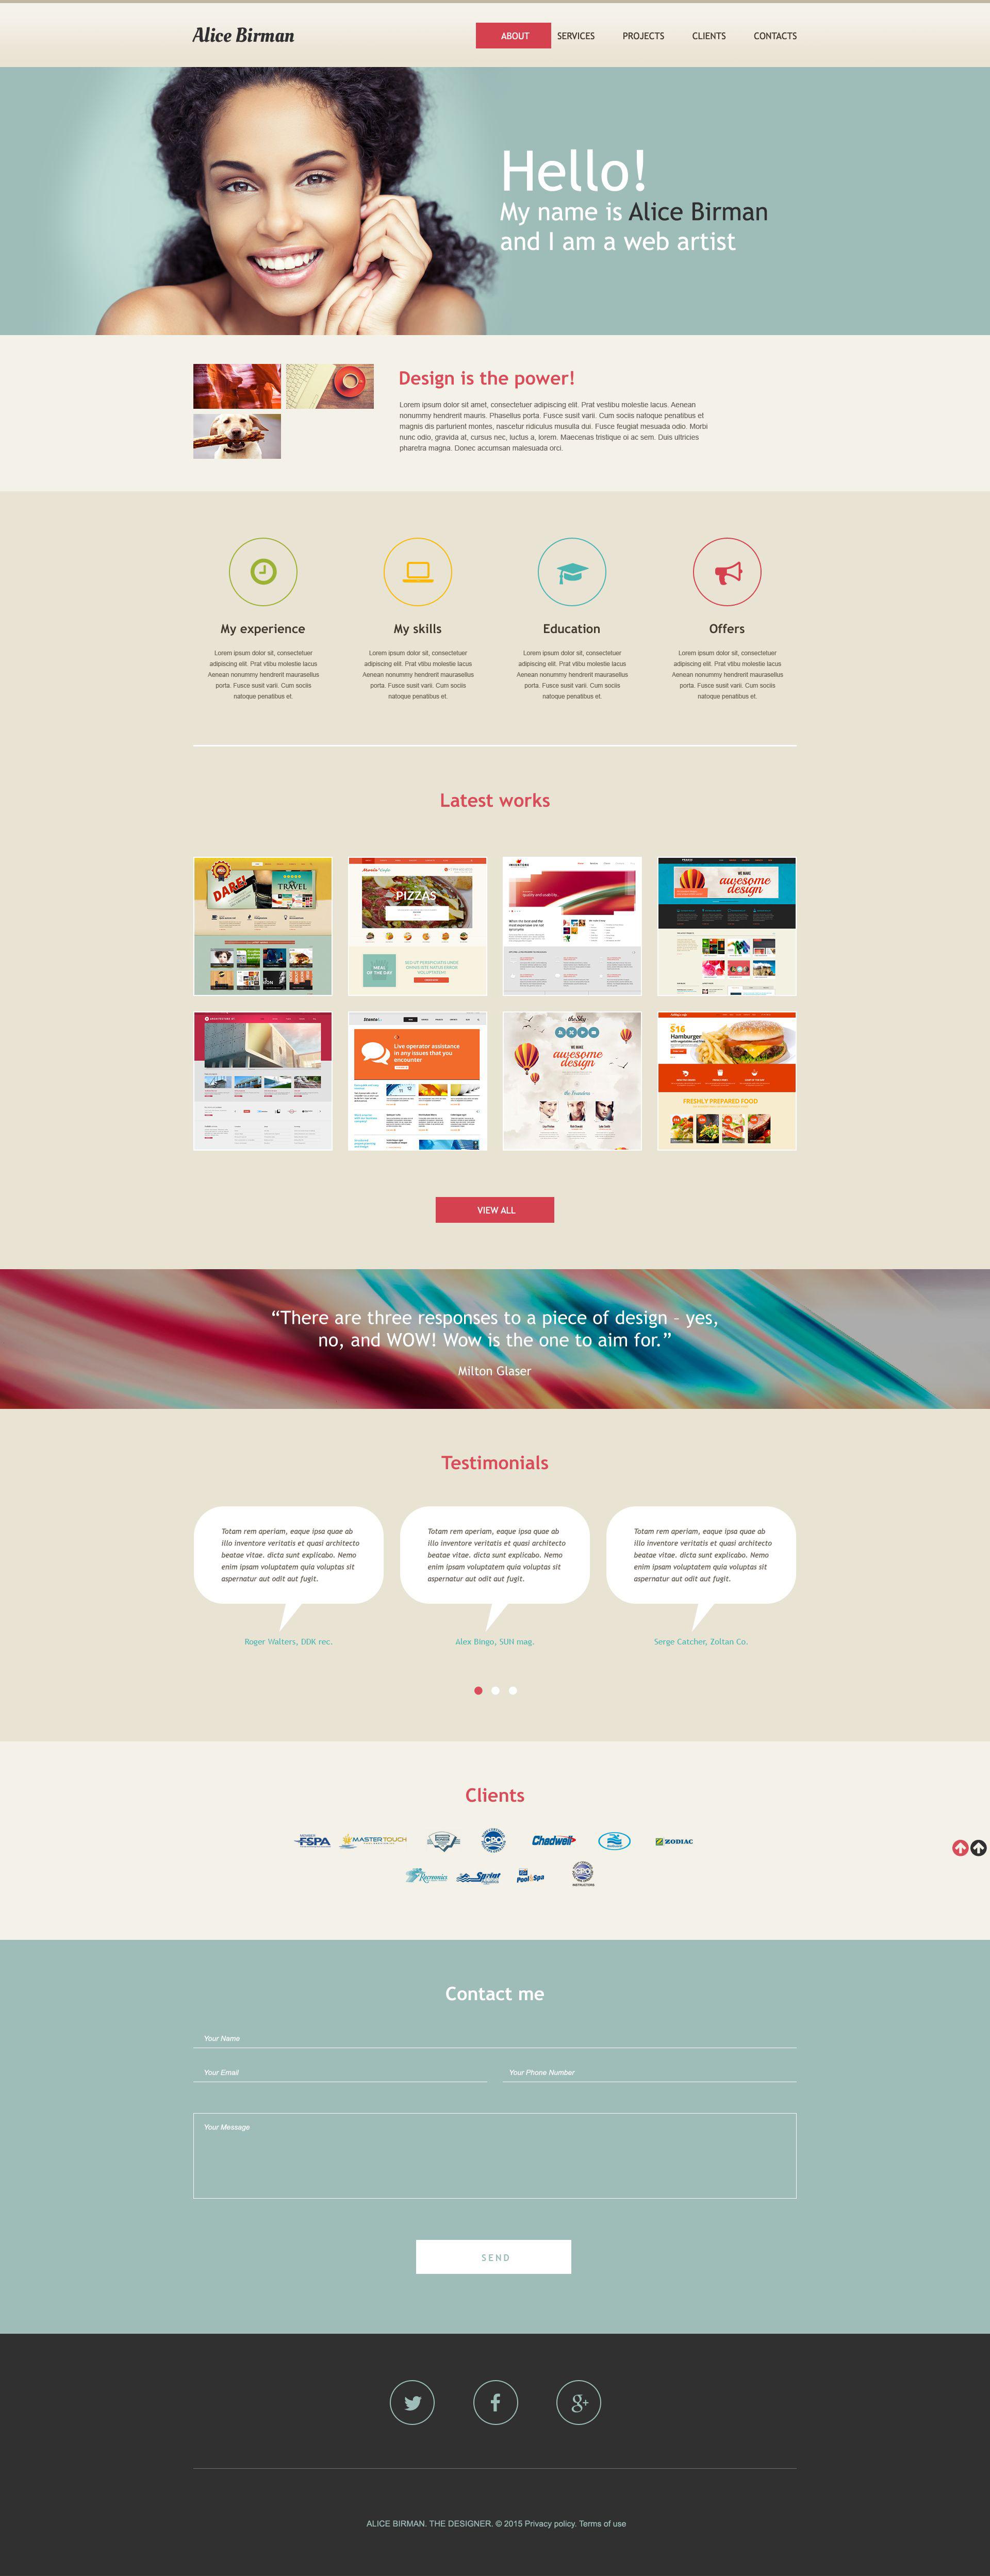 Modèle Muse pour site de développement Web #53397